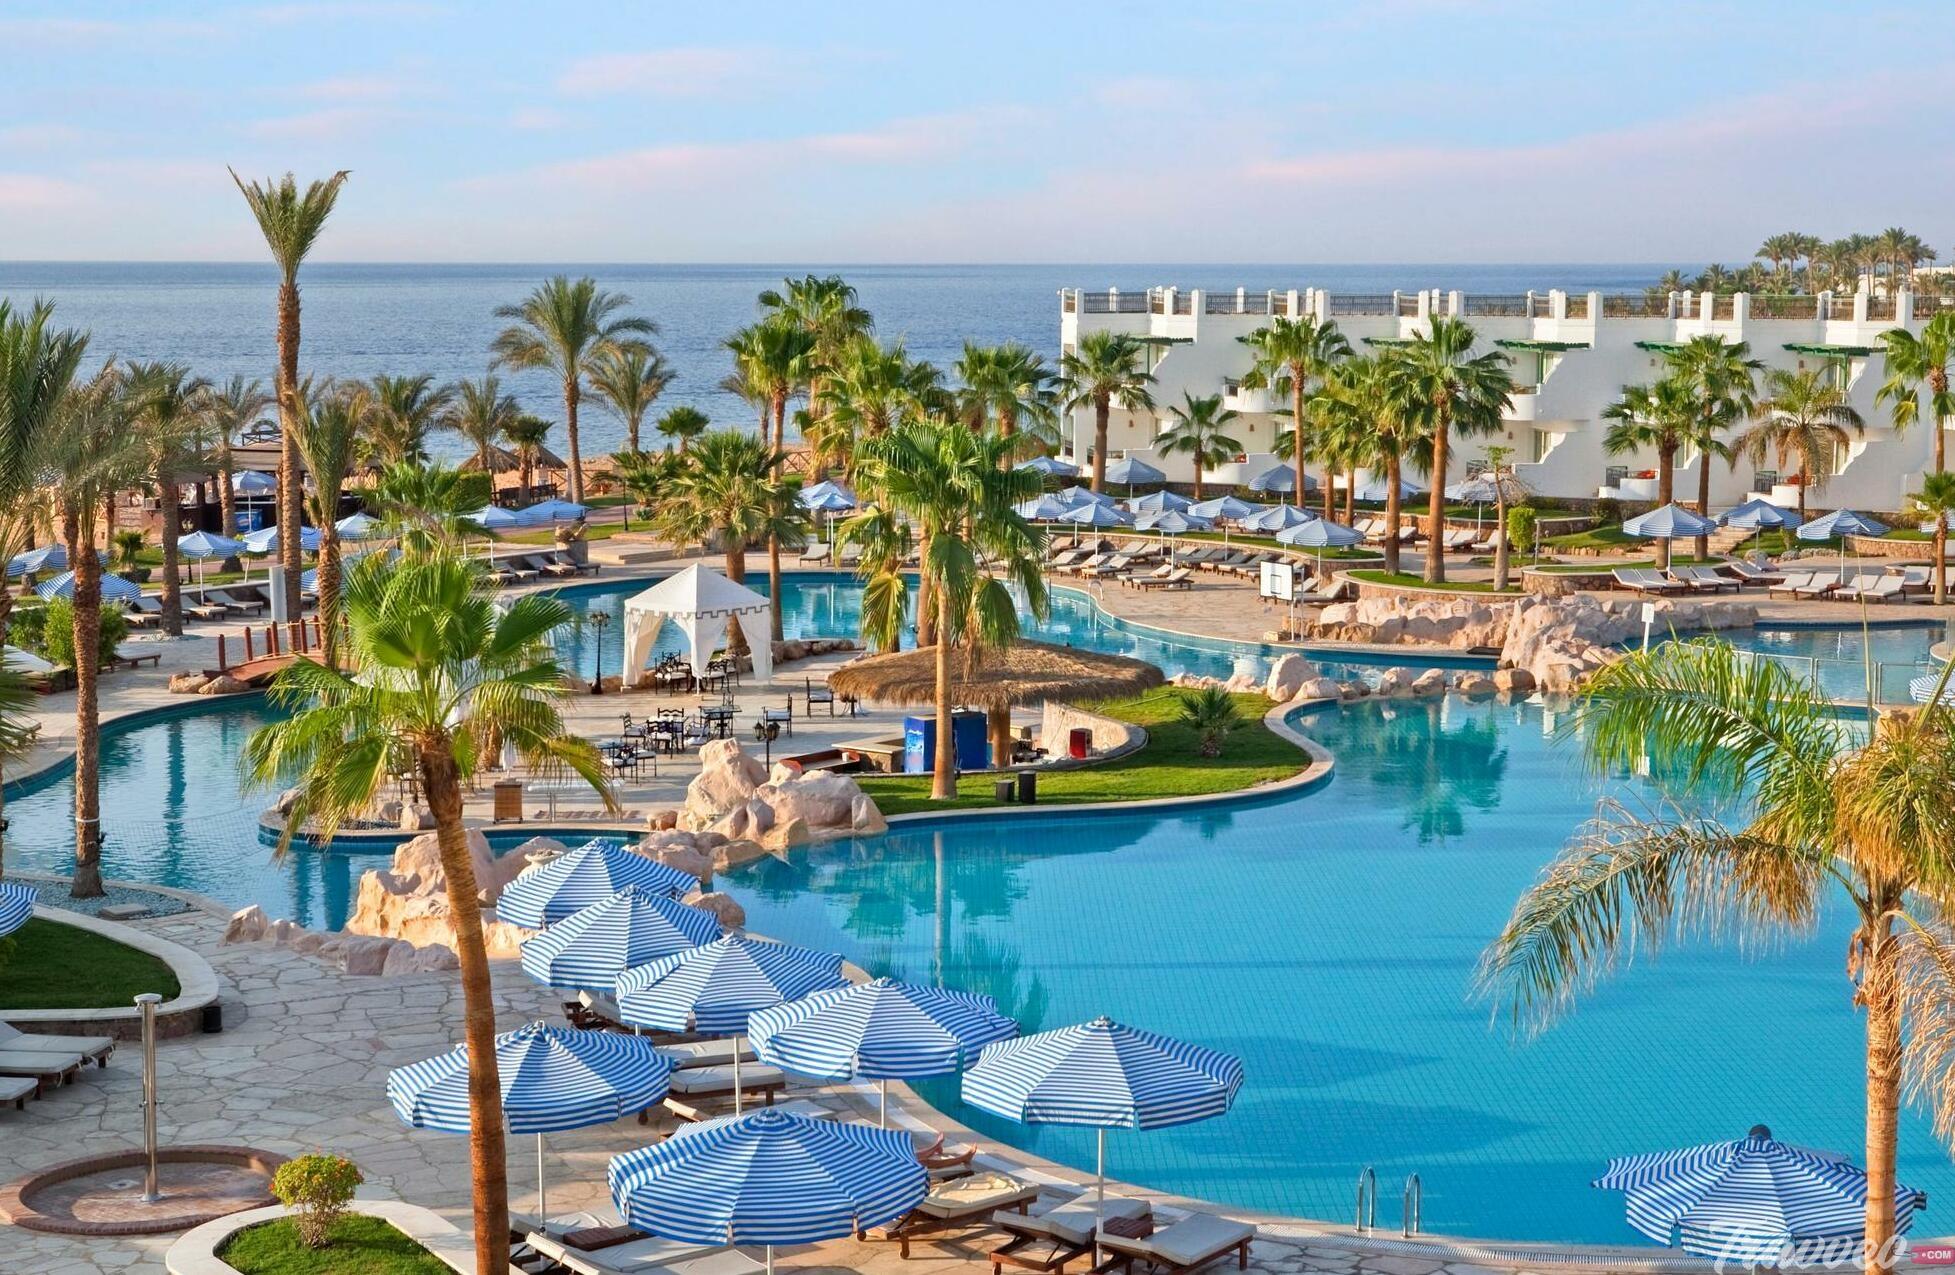 اماكن السياحة في شرم الشيخ في الشتاء - Sharm El-Shaikh